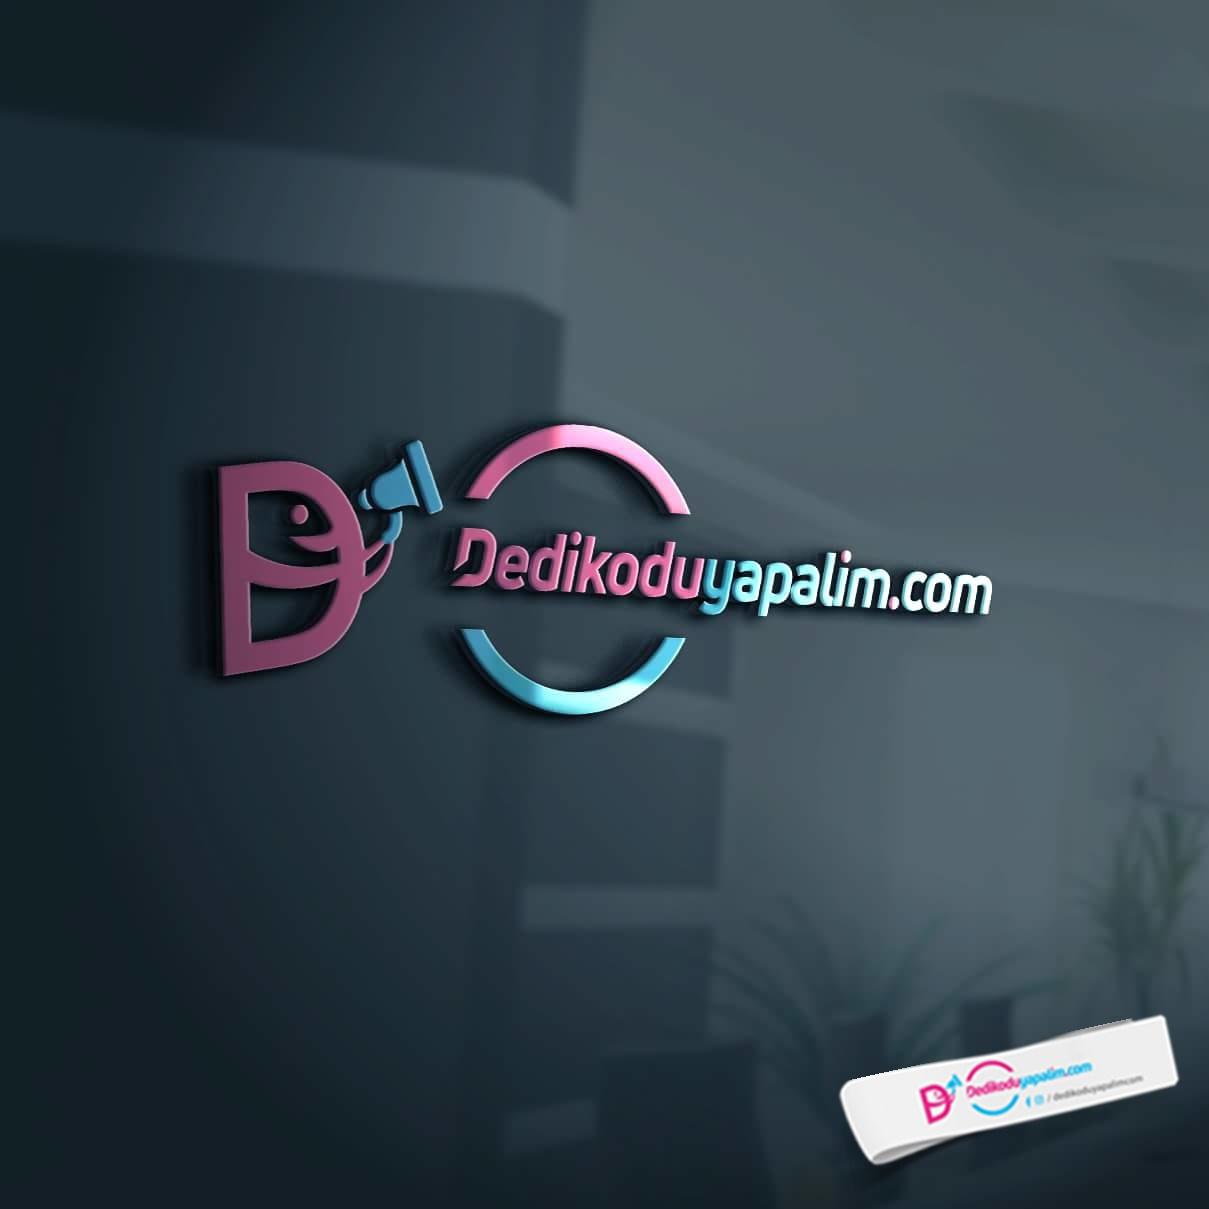 Sosyal Medya Dedikodu Portalı Dedikoduyapalim.com Açıldı